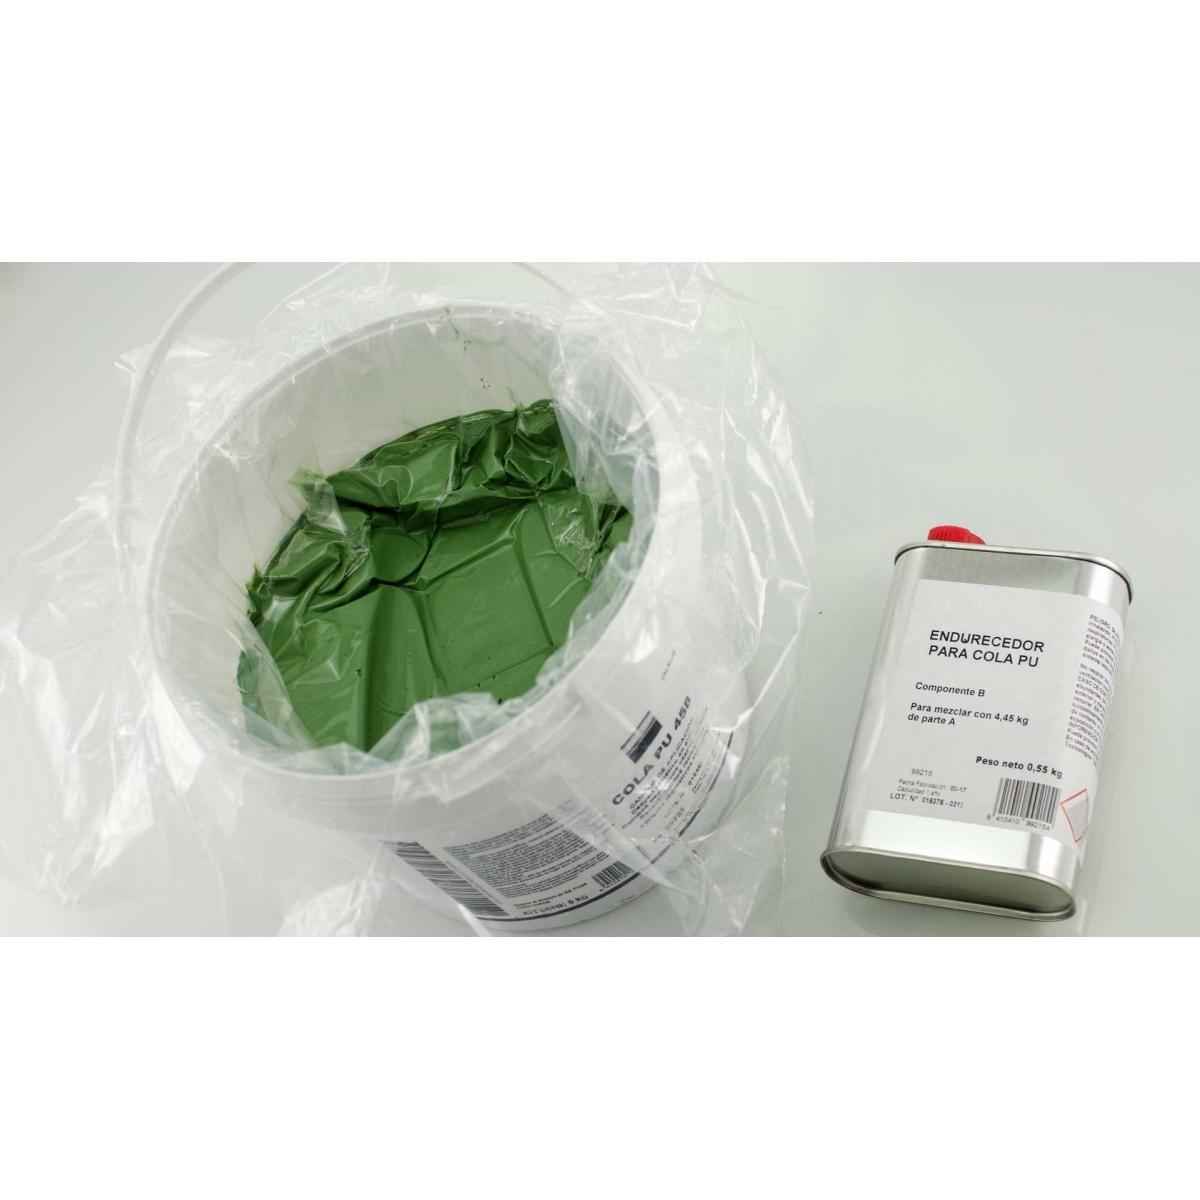 Cola de poliuretano bicomponente verde para césped artificial Naturf